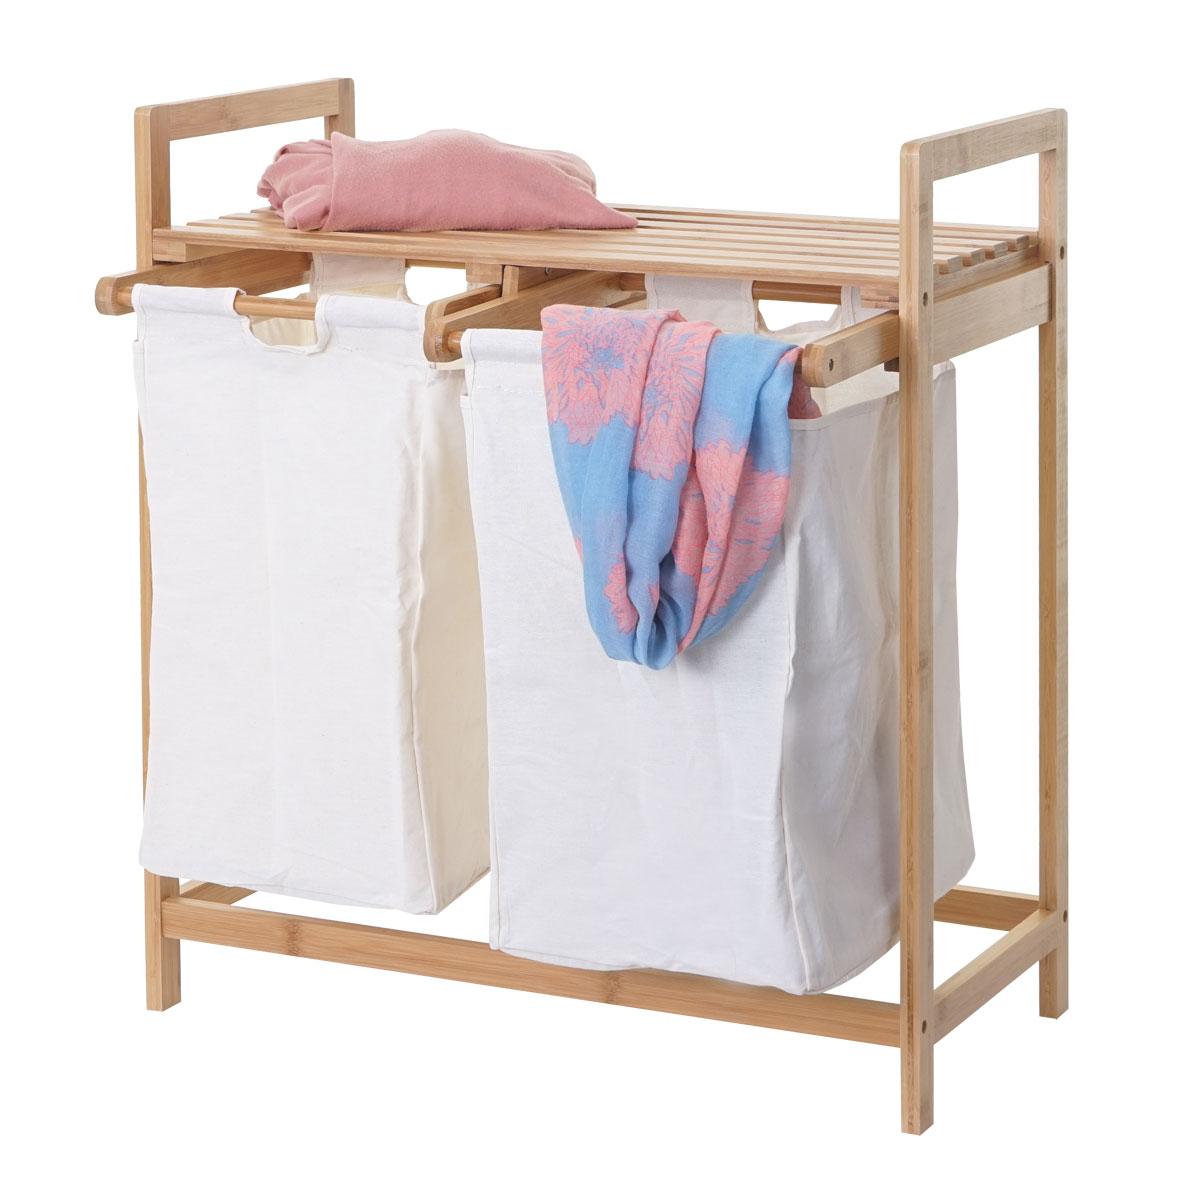 w schesammler hwc b83 laundry w schesortierer w schebox w schekorb w schebeh lter bambus 2. Black Bedroom Furniture Sets. Home Design Ideas